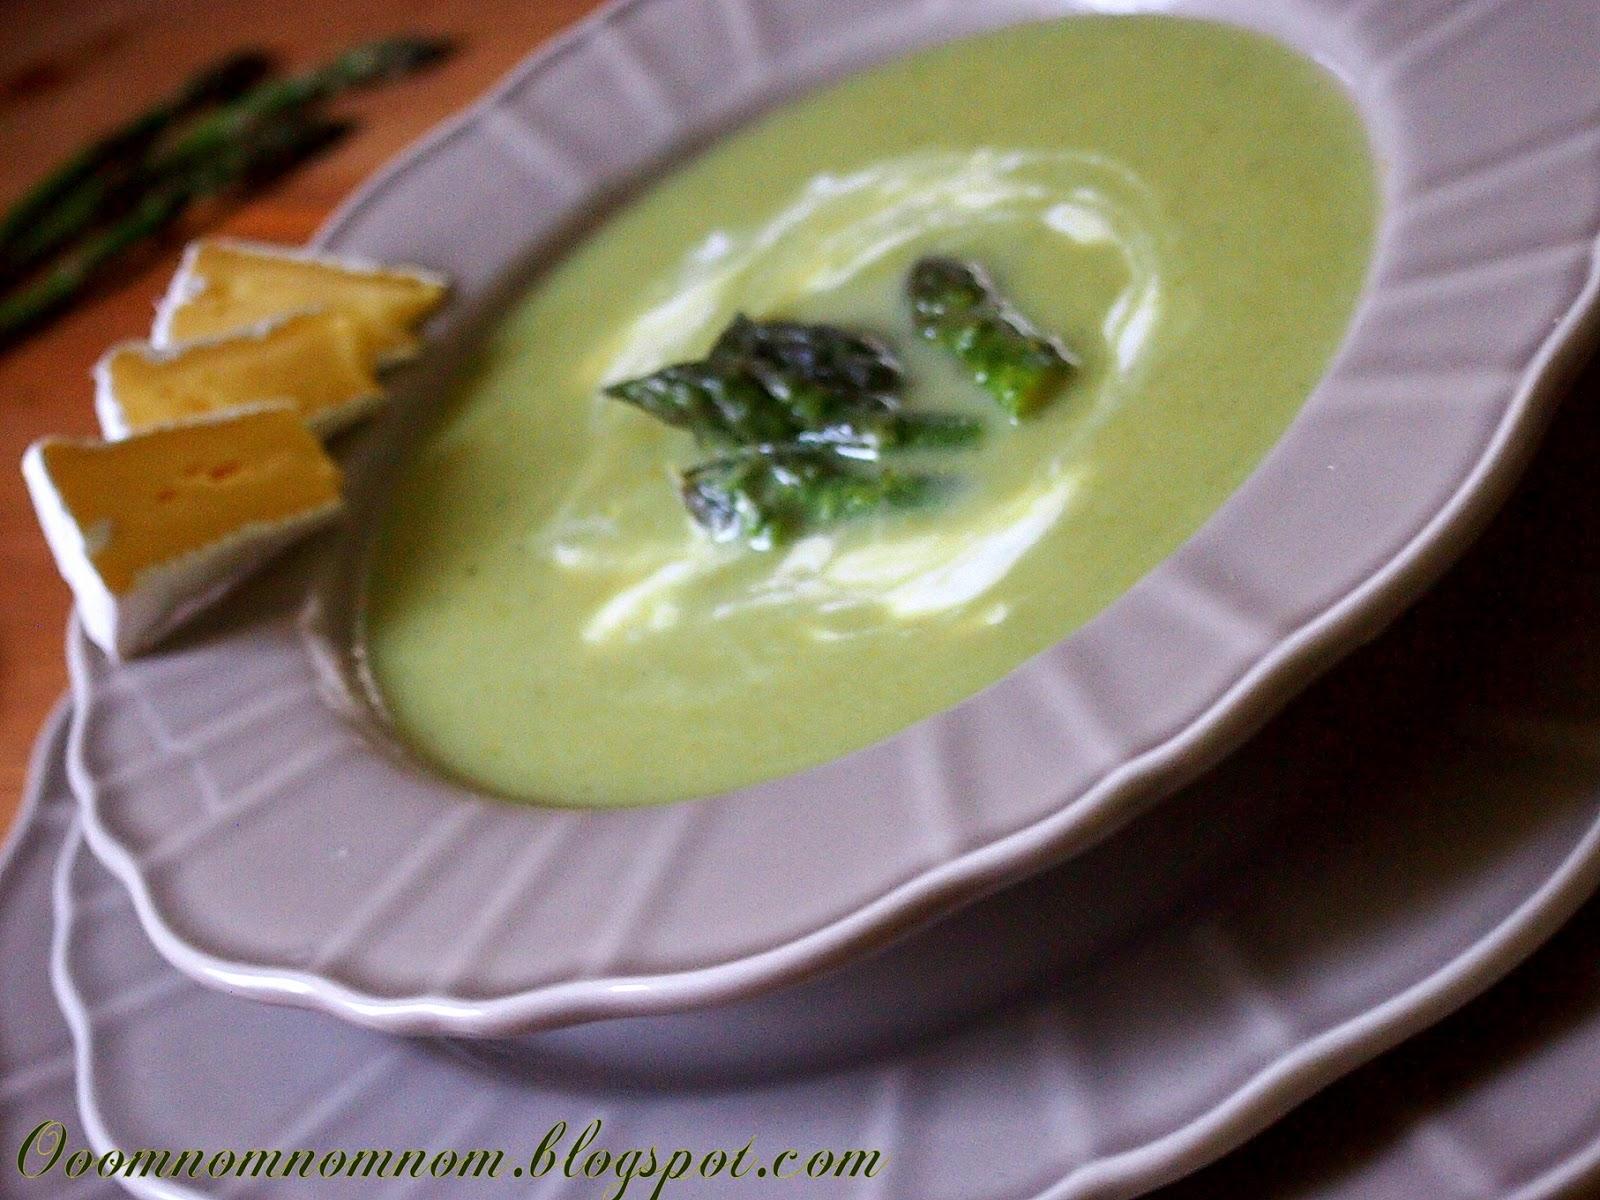 Ooomnomnomnom Krem Szparagowy Zupa Krem Z Zielonych Szparagow